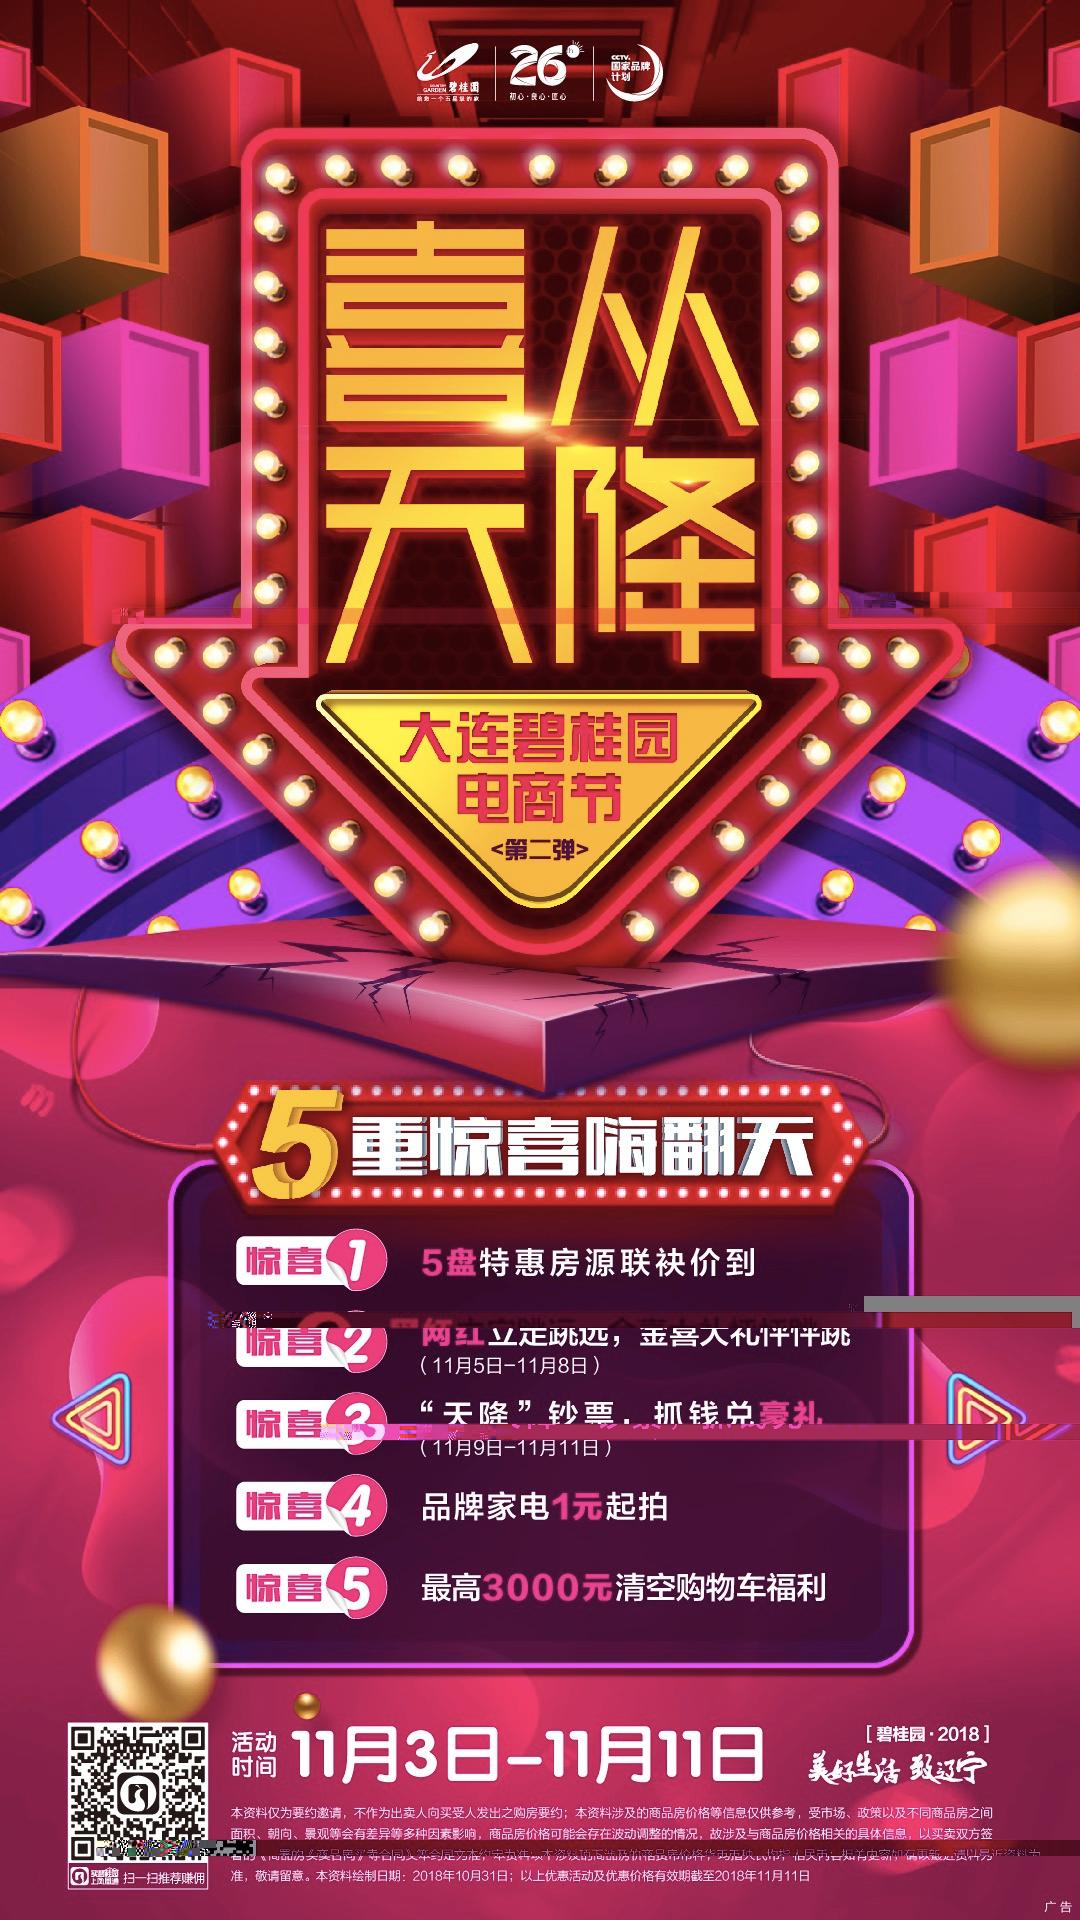 """大连碧桂园电商节""""喜从天降"""" 惠袭滨城"""